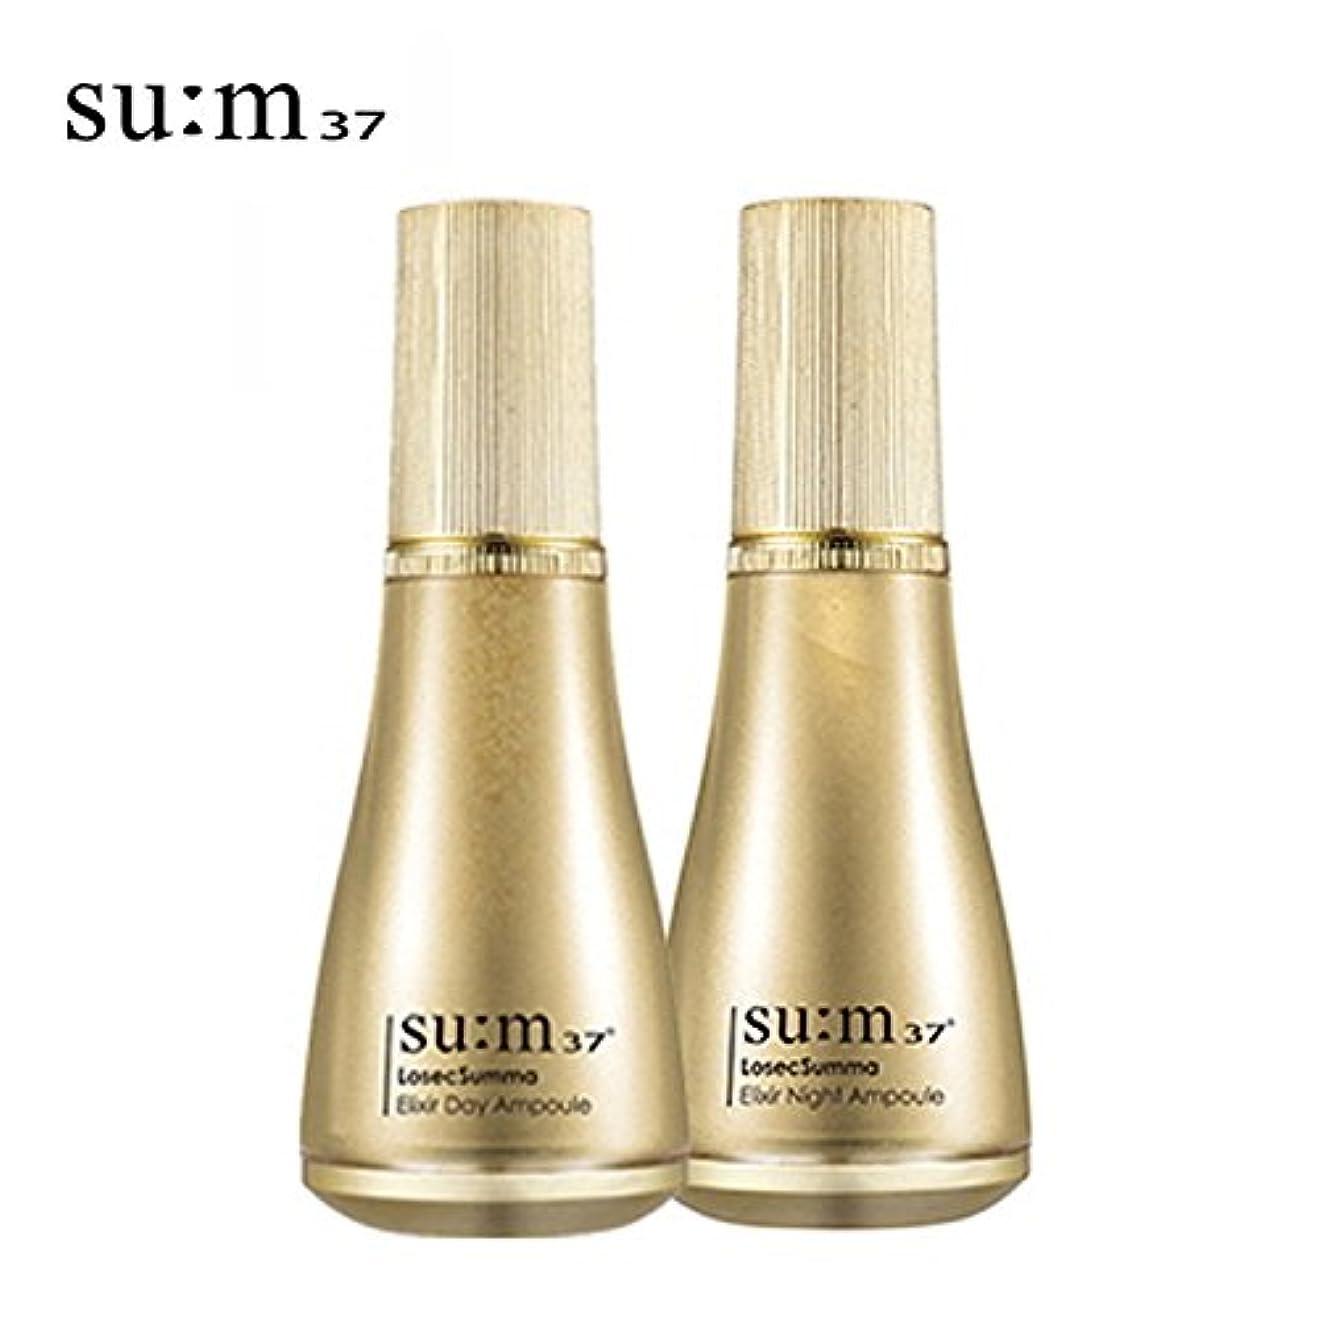 チャールズキージングスクラブカナダ[su:m37/スム37°]Sum37 でシック スムマ エリクサーアンプル デュオ/スム37 LOSEC Summa Elixir Ampoule Duo 20ml+20ml + [Sample Gift](海外直送品)